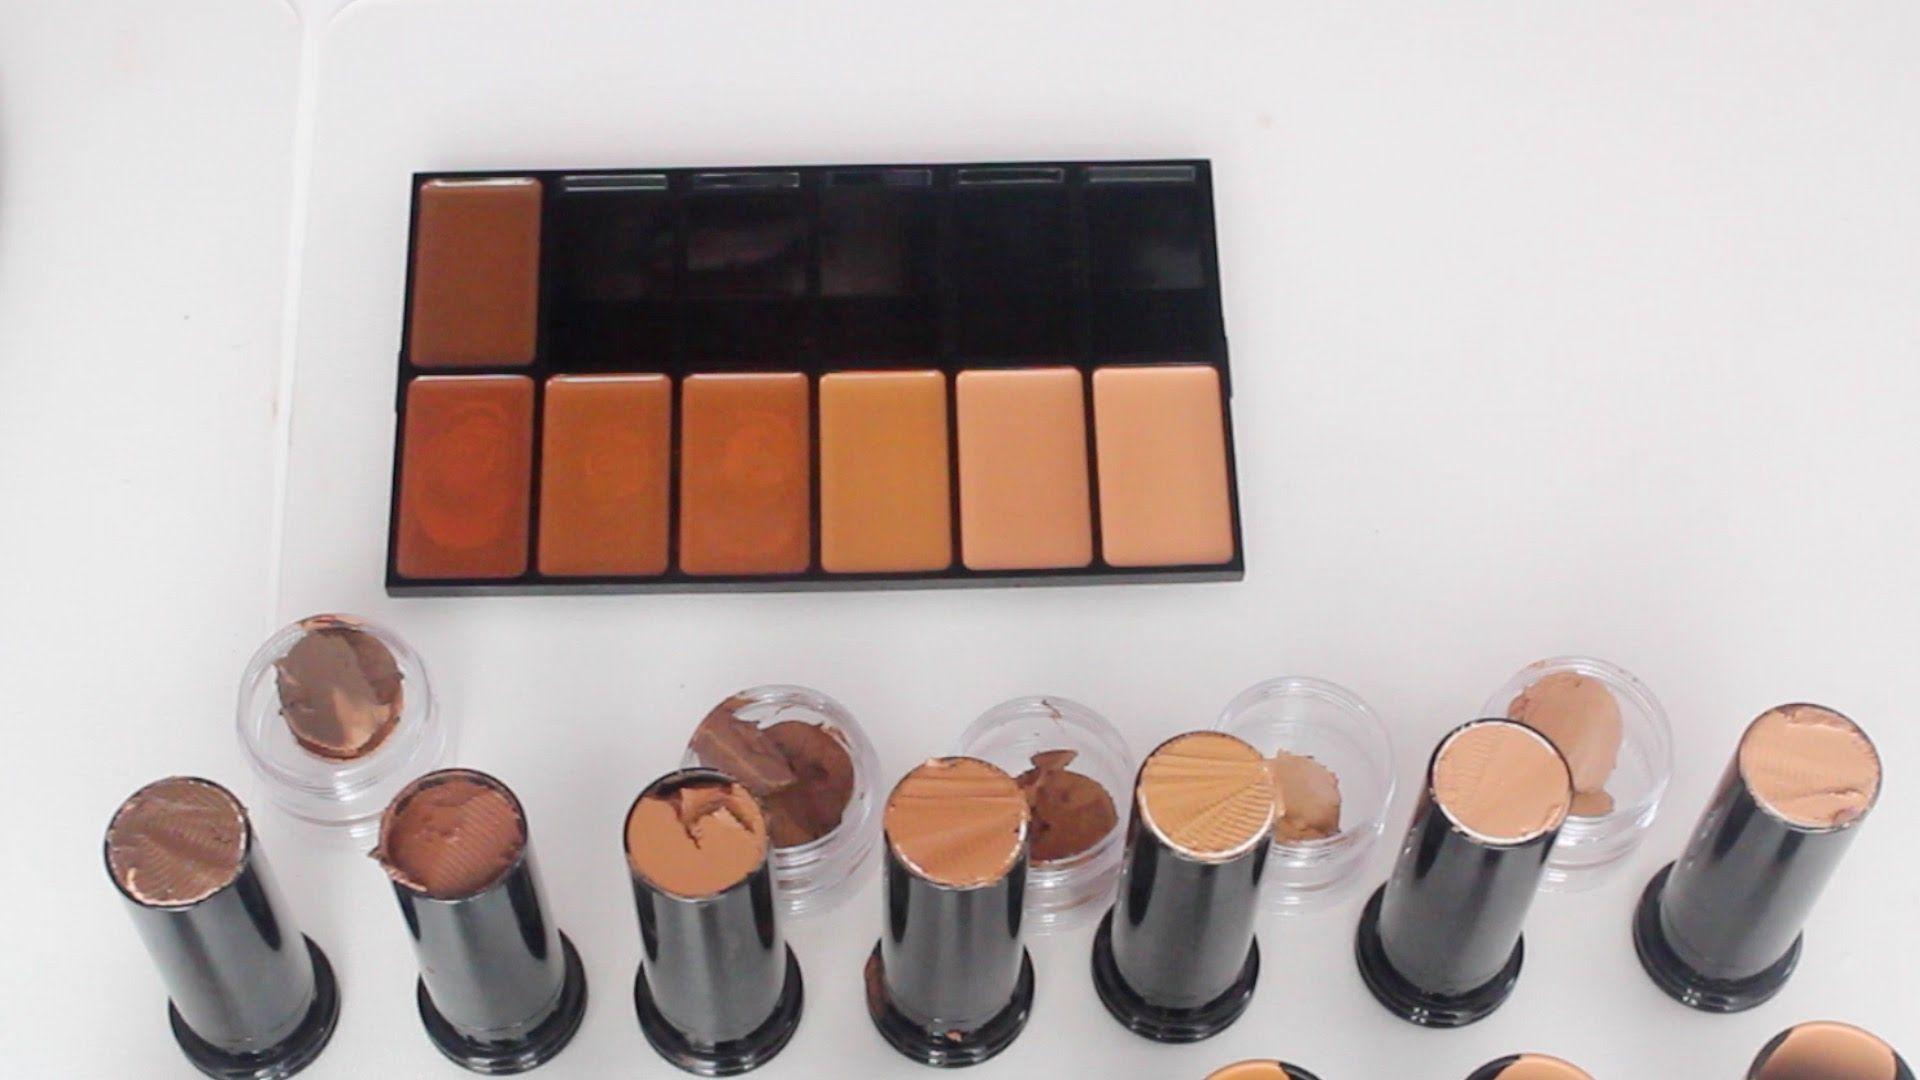 Diy Depotting My Black Opal Stick Foundations Chimerenicole Black Opal Foundation Stick Makeup Palette Storage Stick Foundation